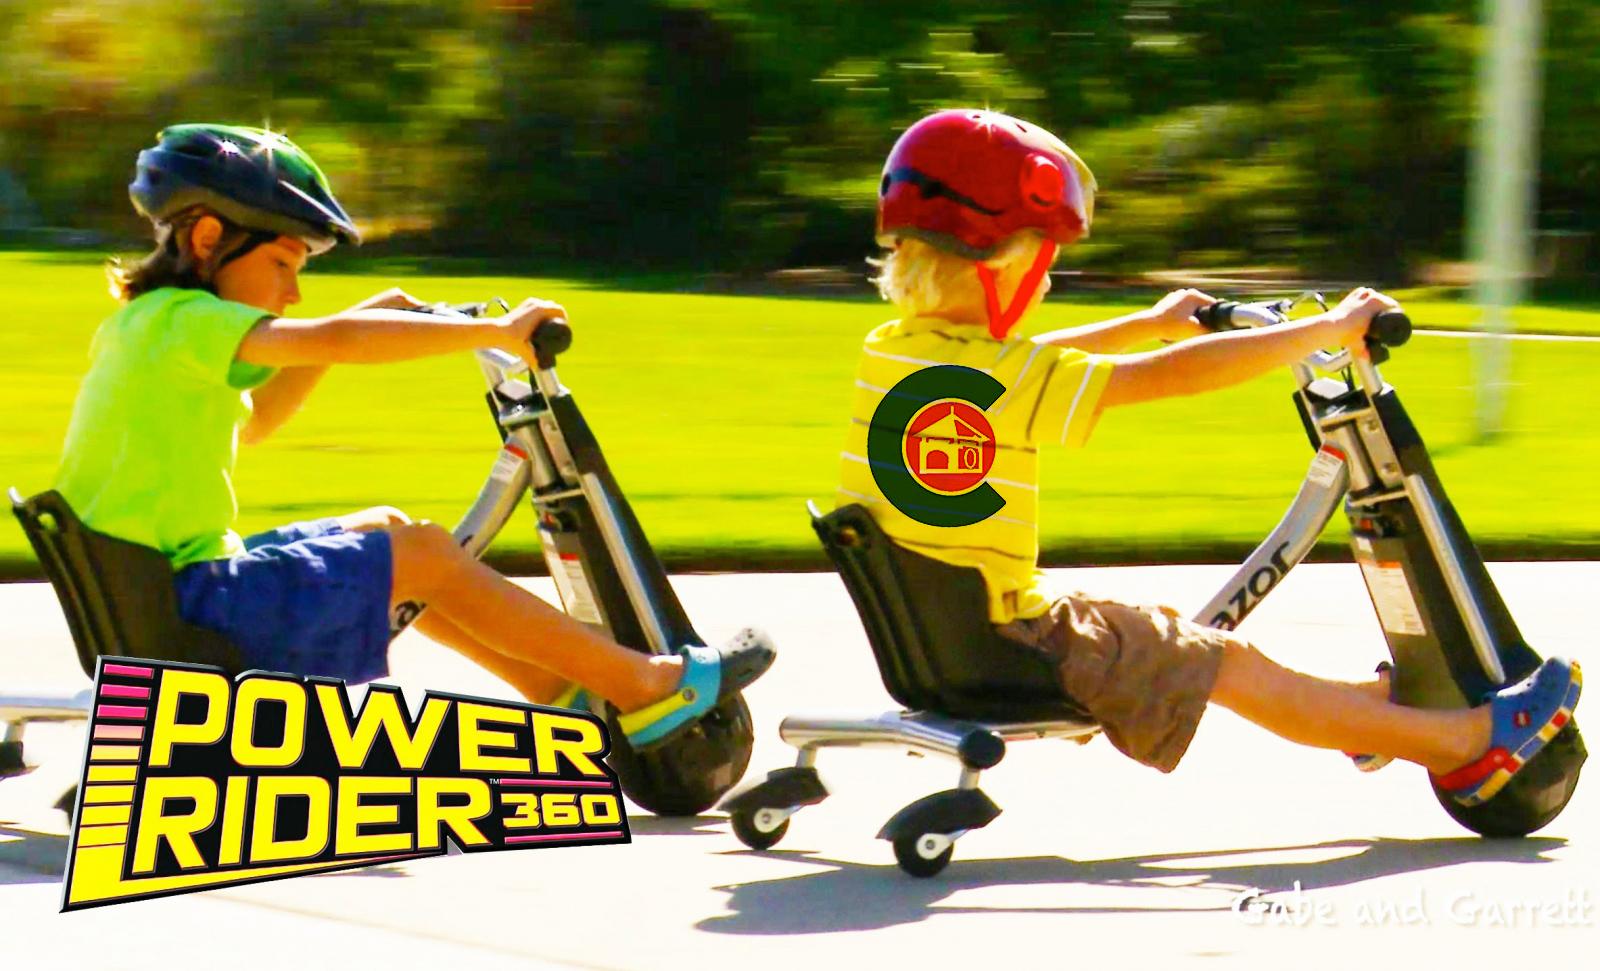 Xe đạp điện 3 bánh Power Raider 360 Siêu hot dành cho trẻ em!!!!!!! - 146953